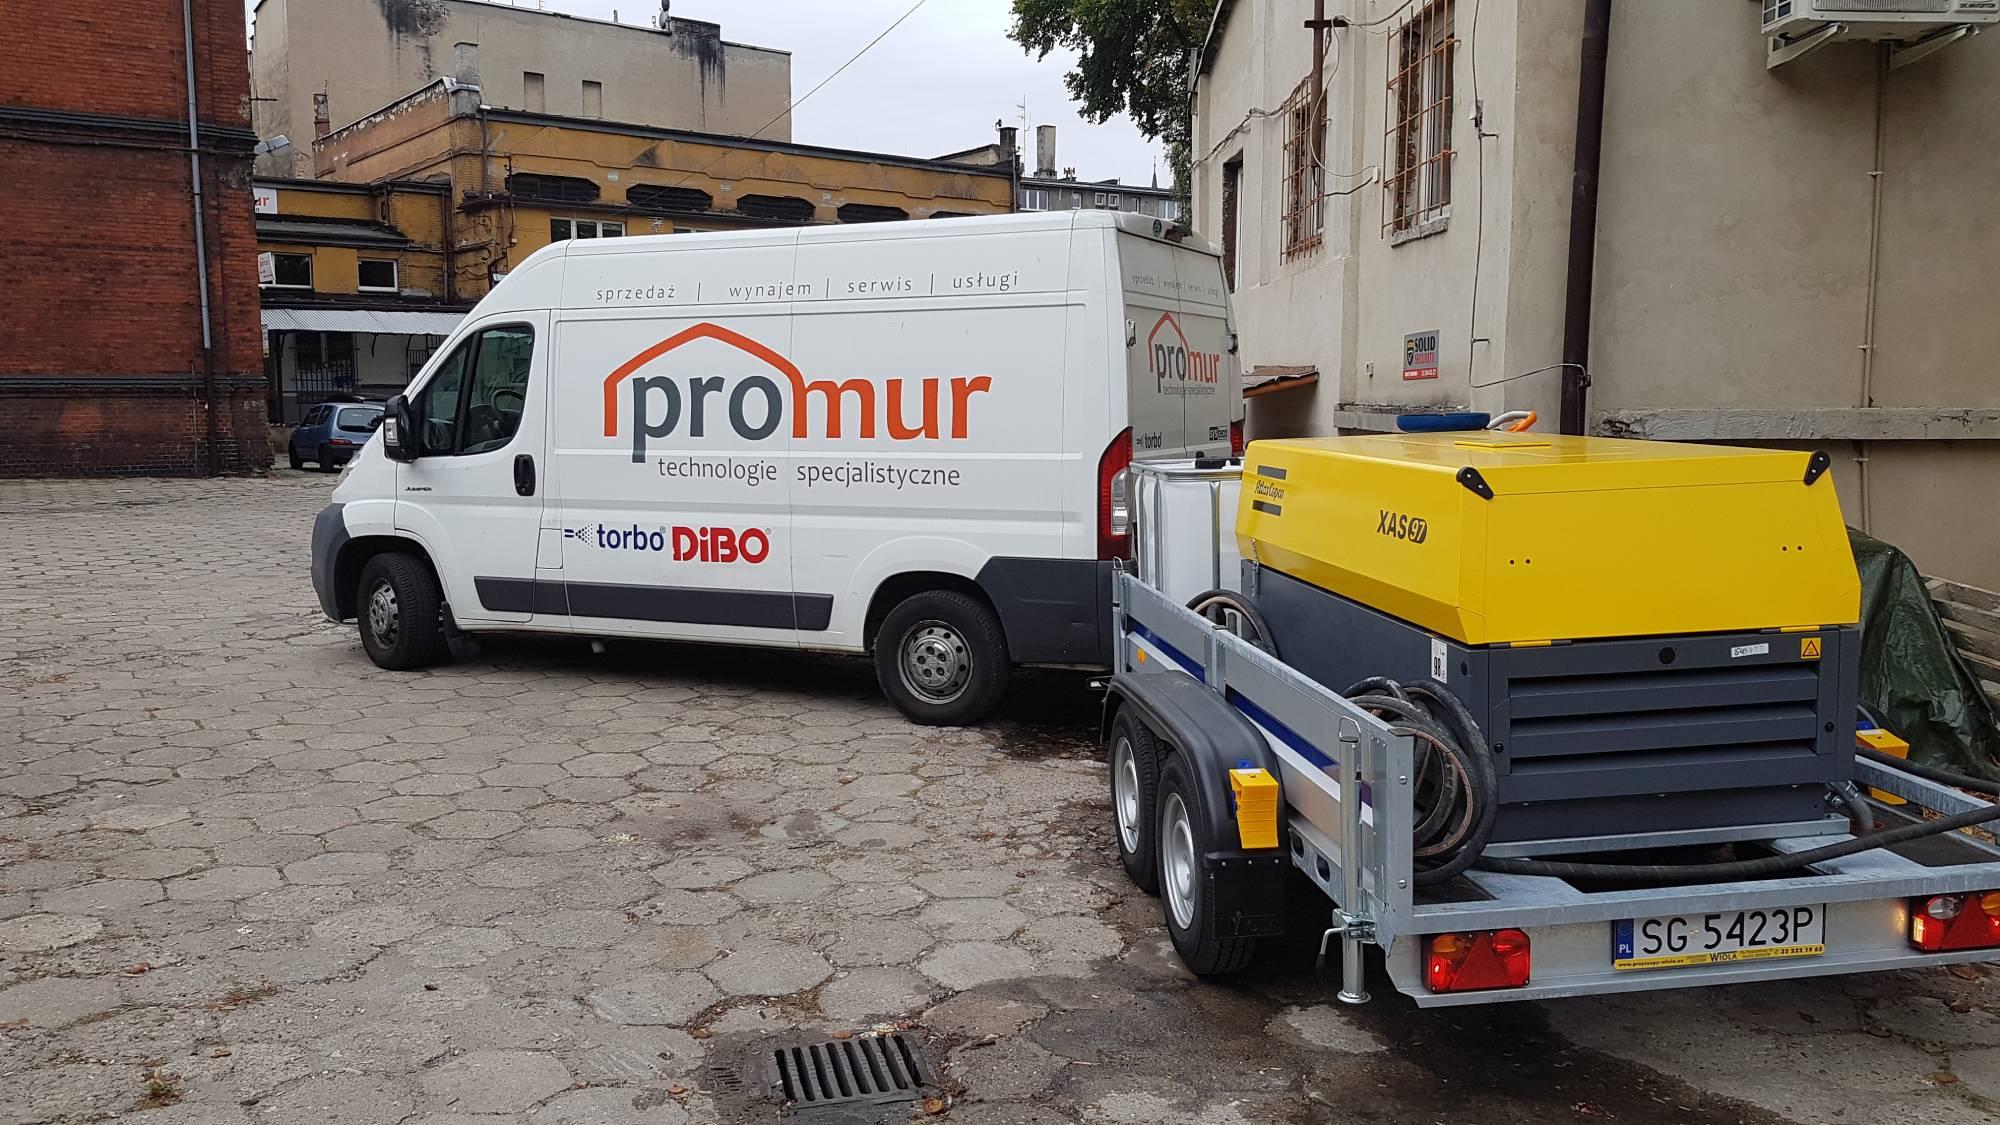 Promur MPP – Mobilna Platforma Piaskarska